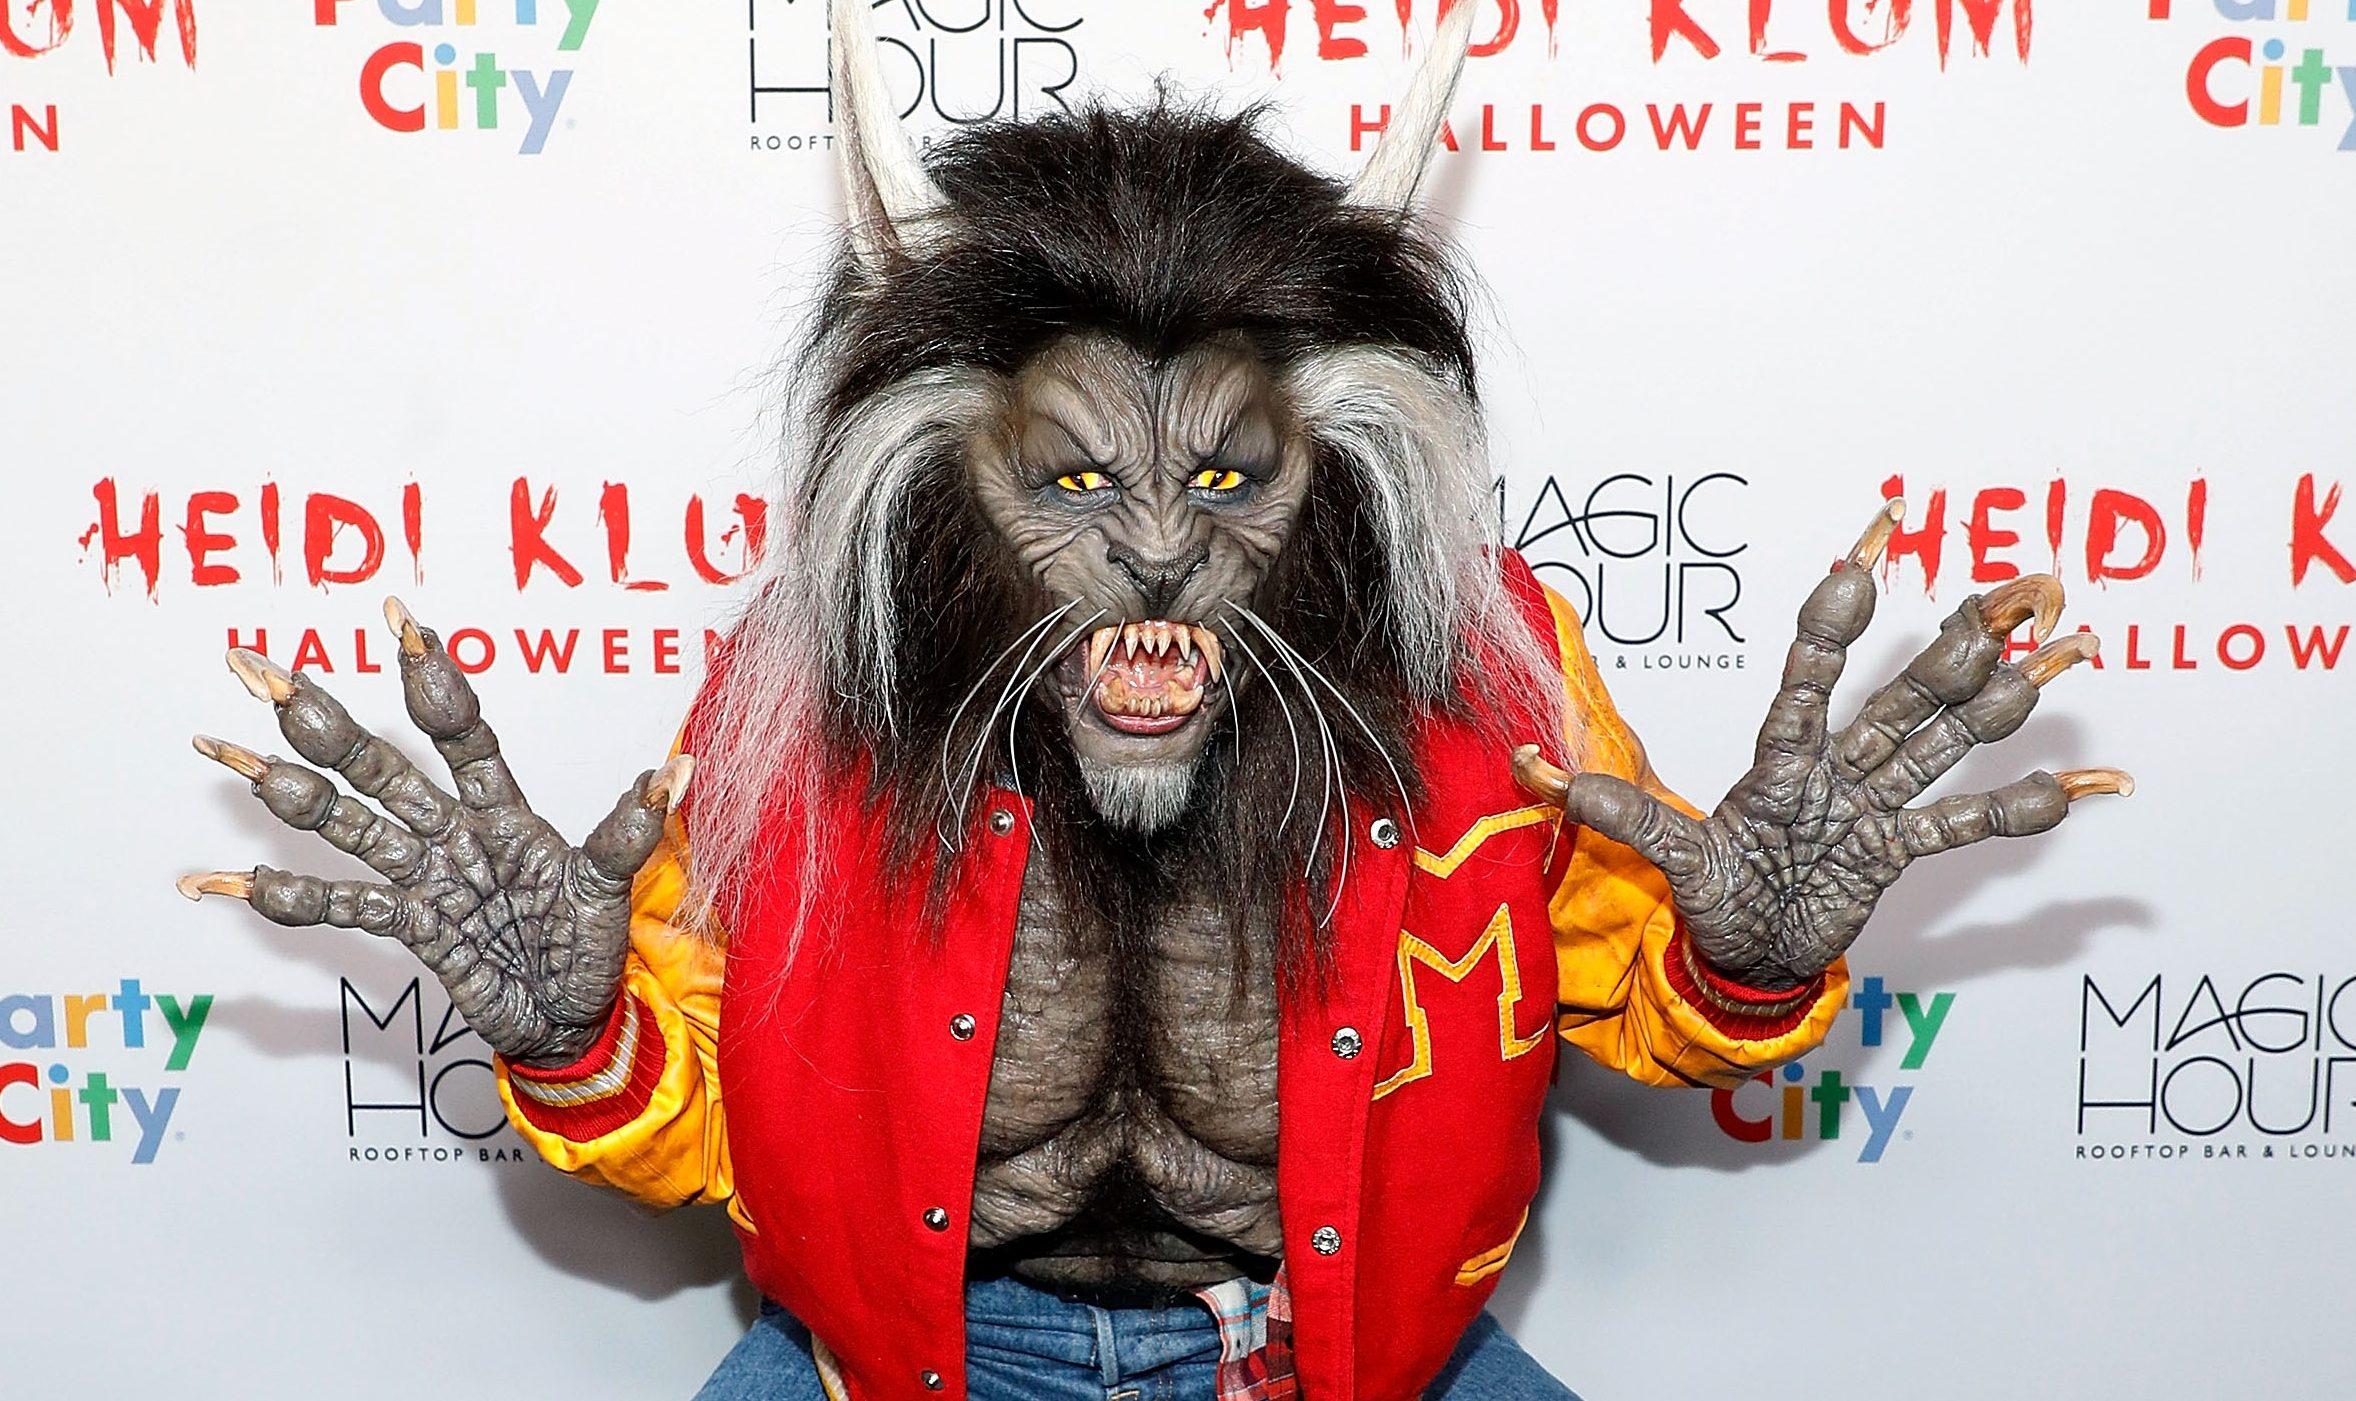 Heidi Klum channels Michael Jackson's Thriller in awesome Halloween werewolf costume